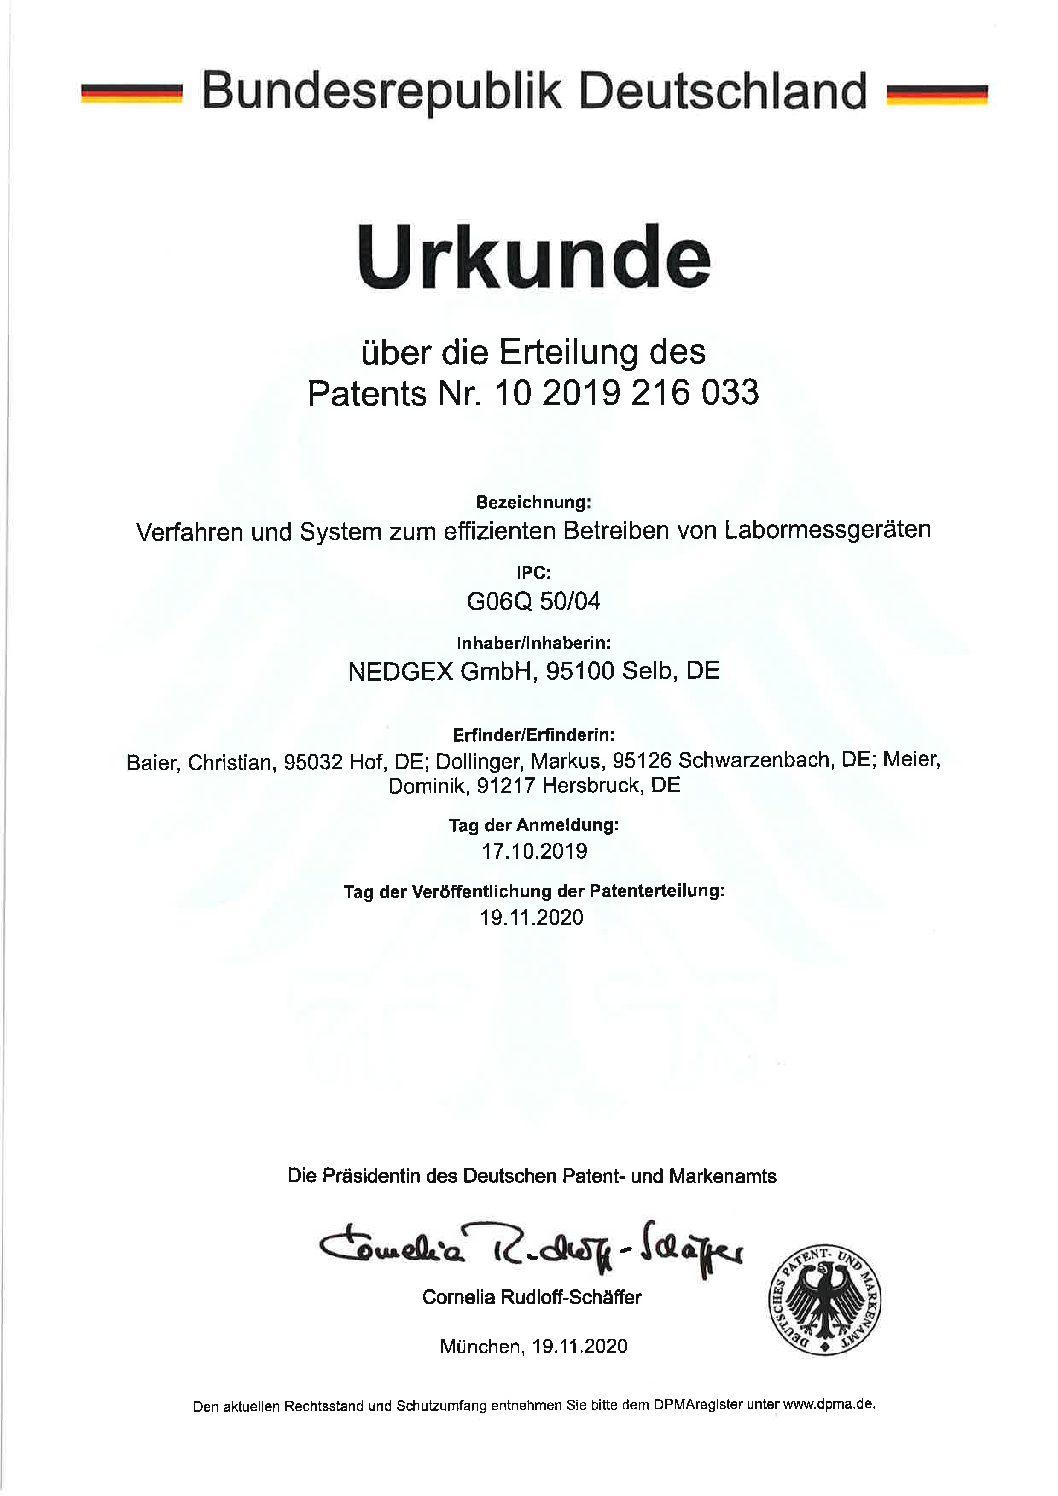 Erstes NEDGEX Patent erteilt!